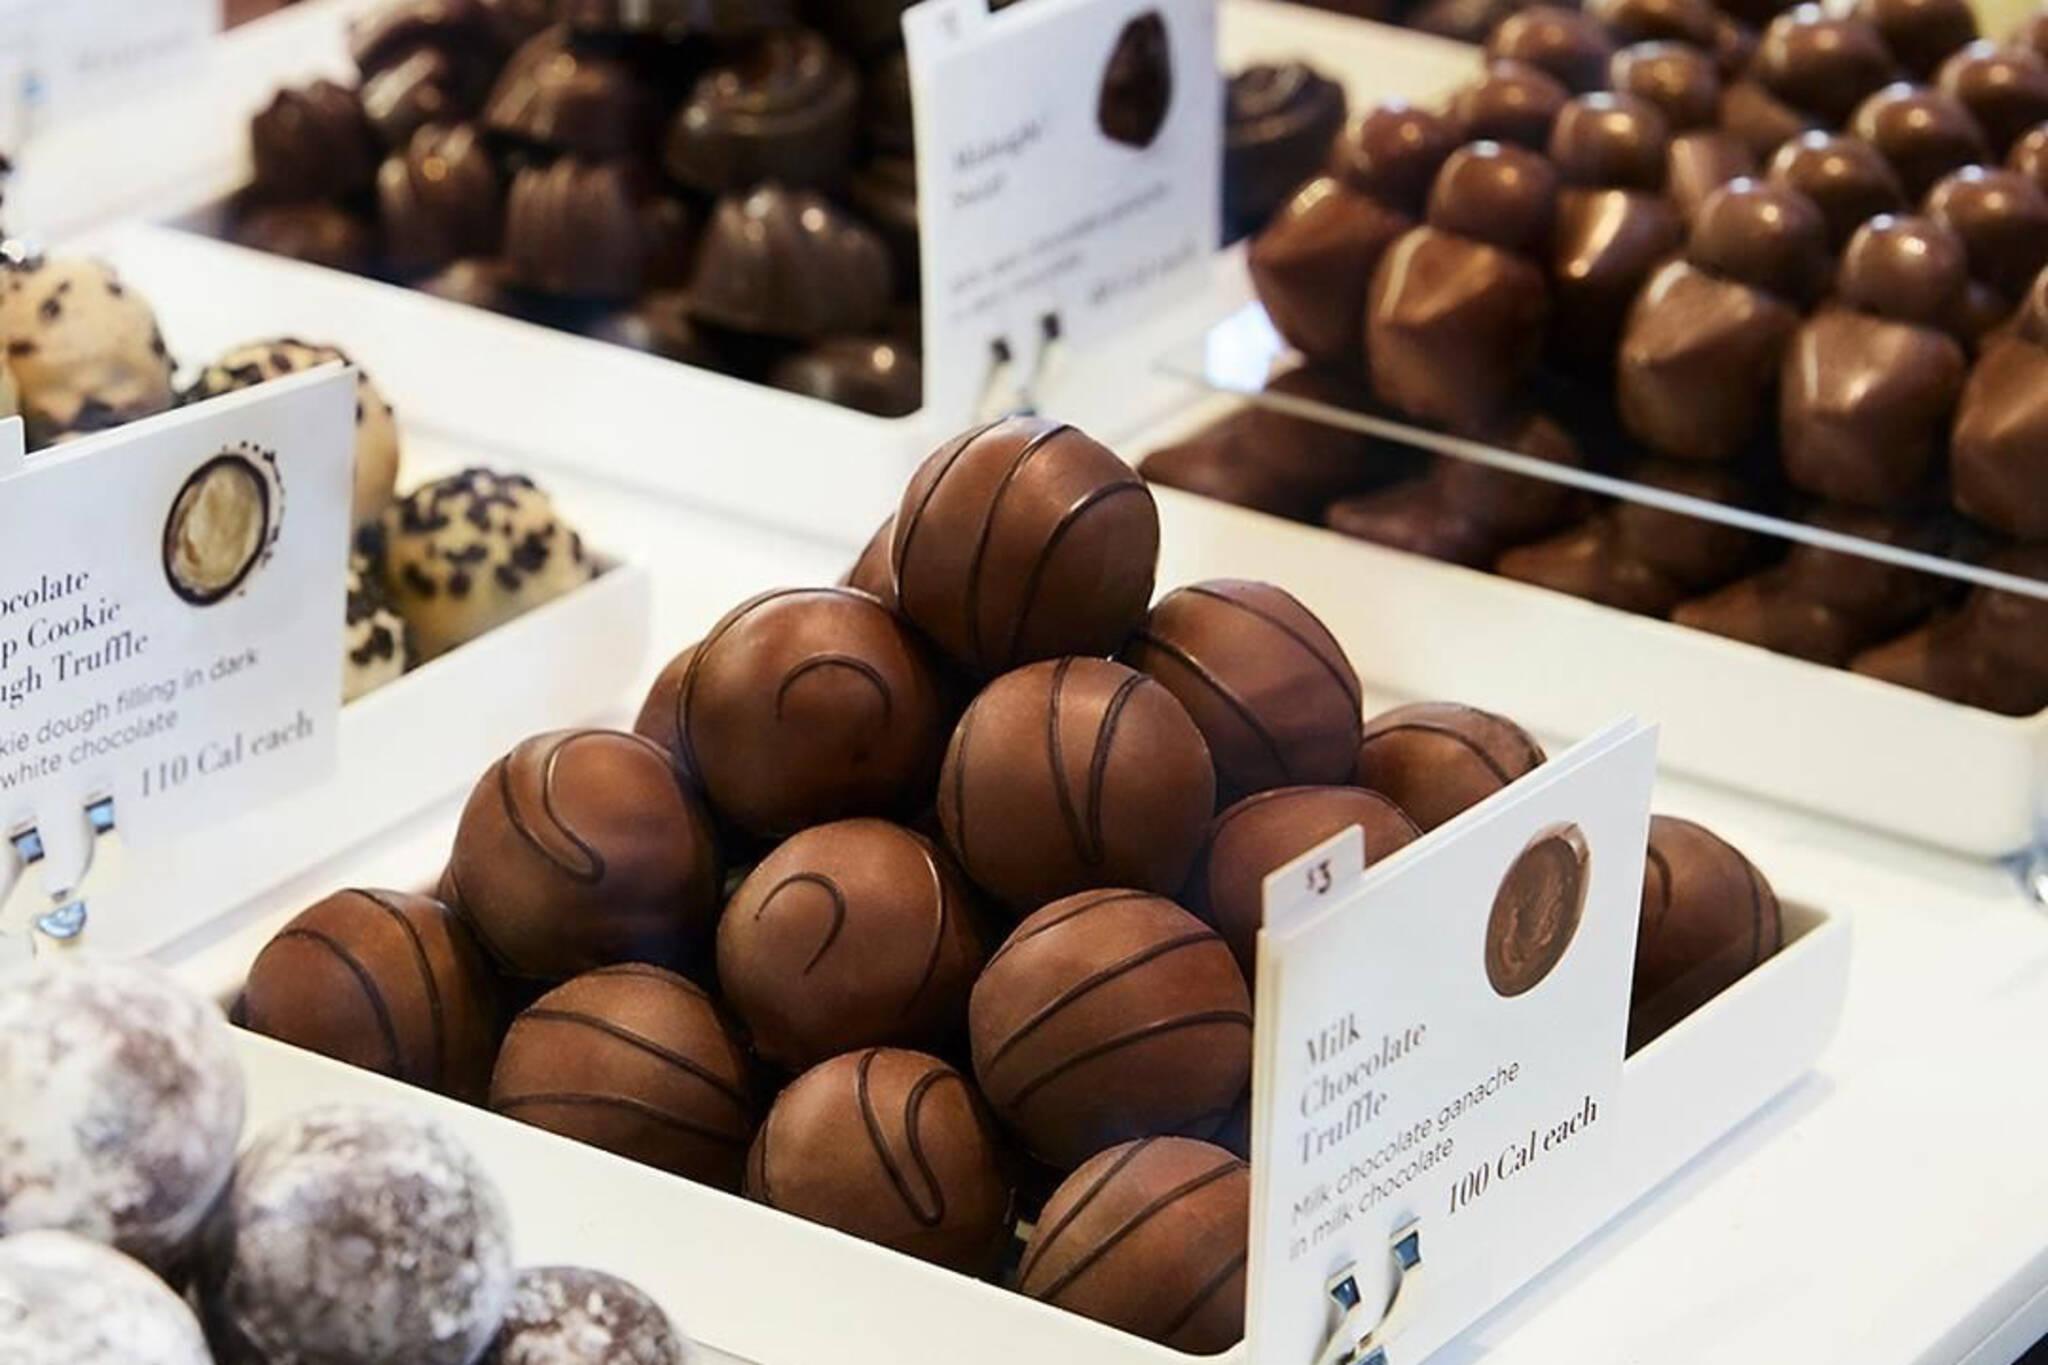 godiva chocolate closing